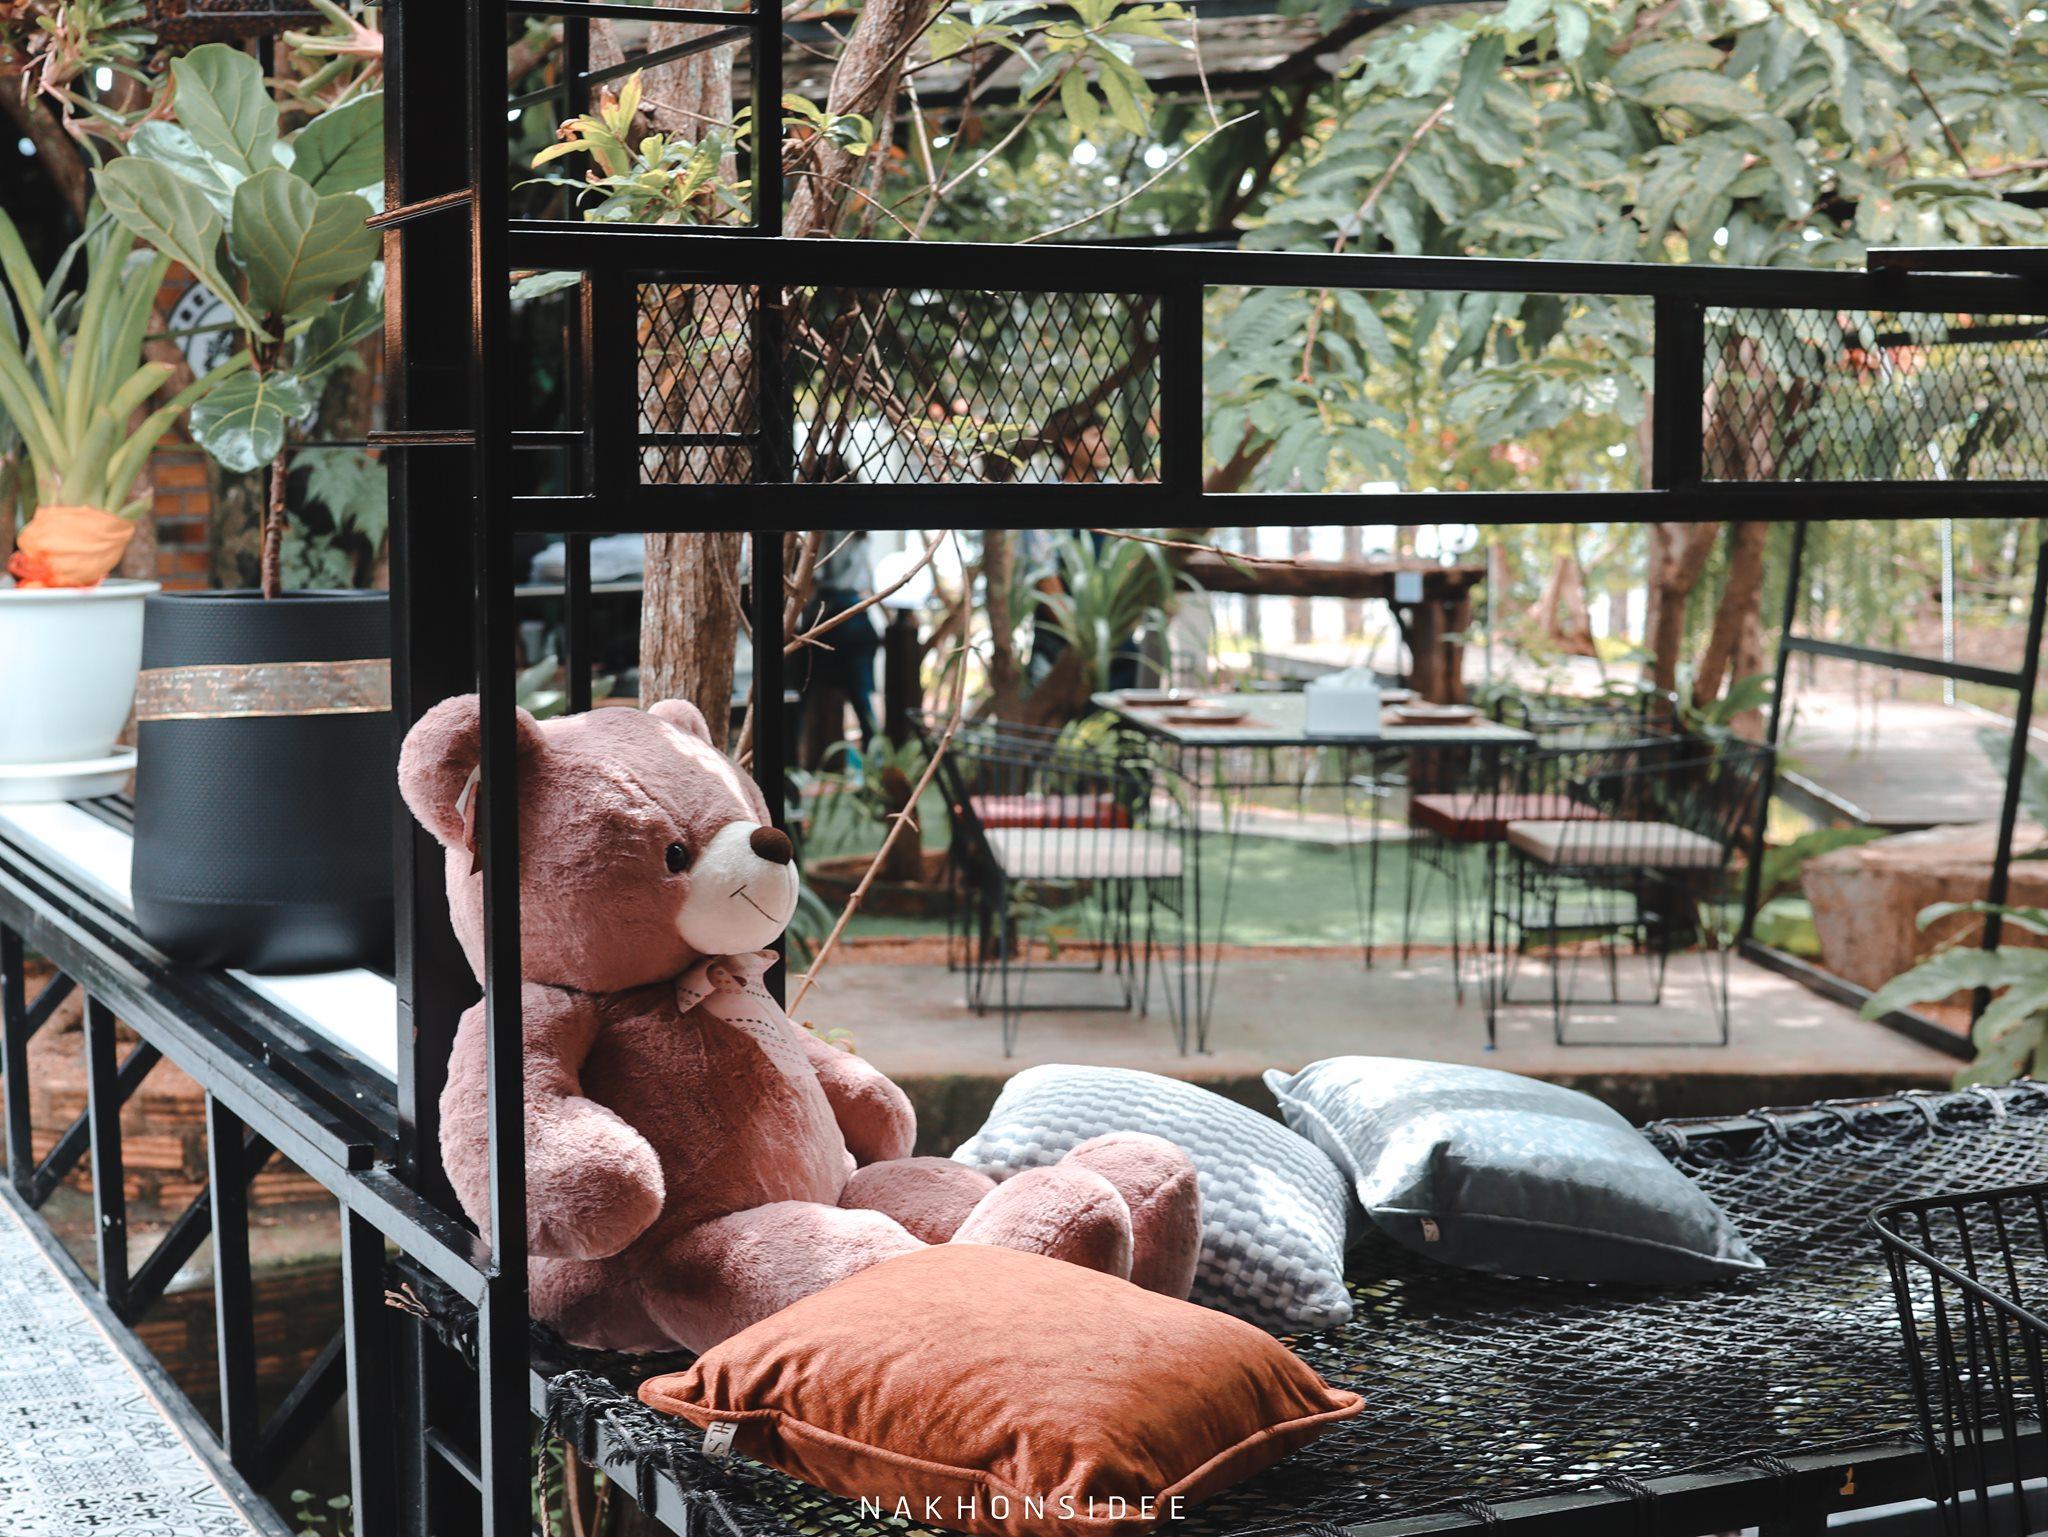 มีน้องหมีน่ารักๆ-อยู่ตลอดทั้งร้านเลย  treestation,ร้านอาหาร,คาเฟ่,กลางป่า,อร่อย,ของกิน,นครศรีธรรมราช